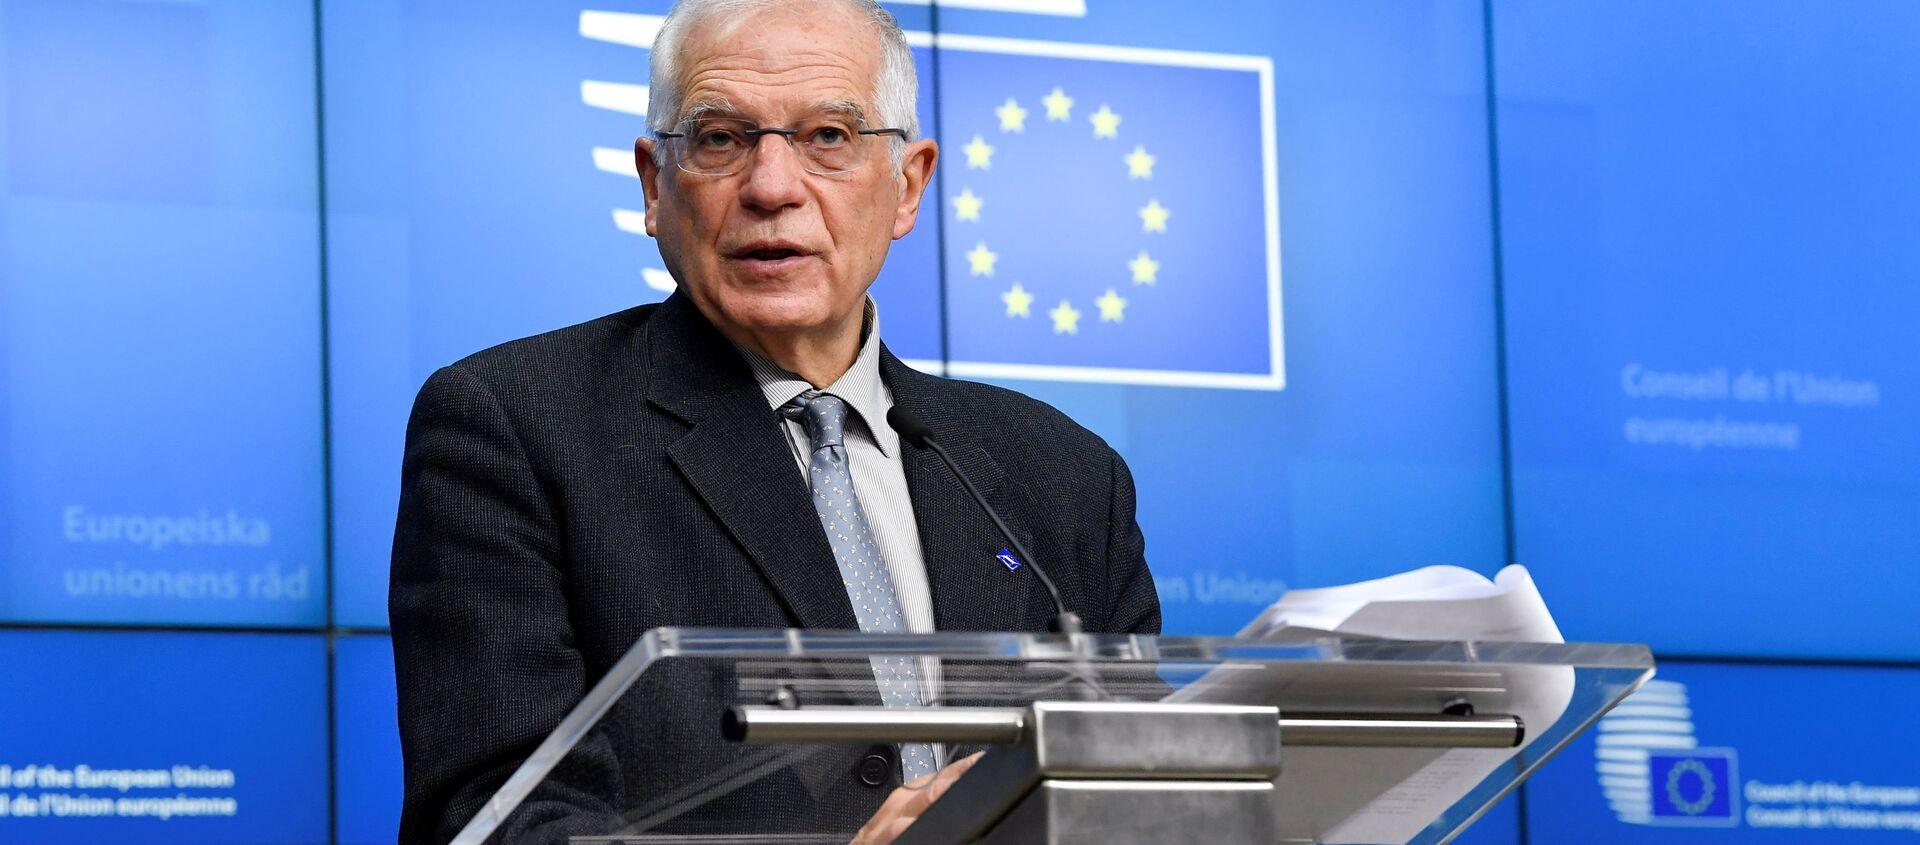 Wysoki przedstawiciel UE ds. polityki zagranicznej i bezpieczeństwa Josep Borrell przemawia na konferencji w Brukseli - Sputnik Polska, 1920, 05.02.2021